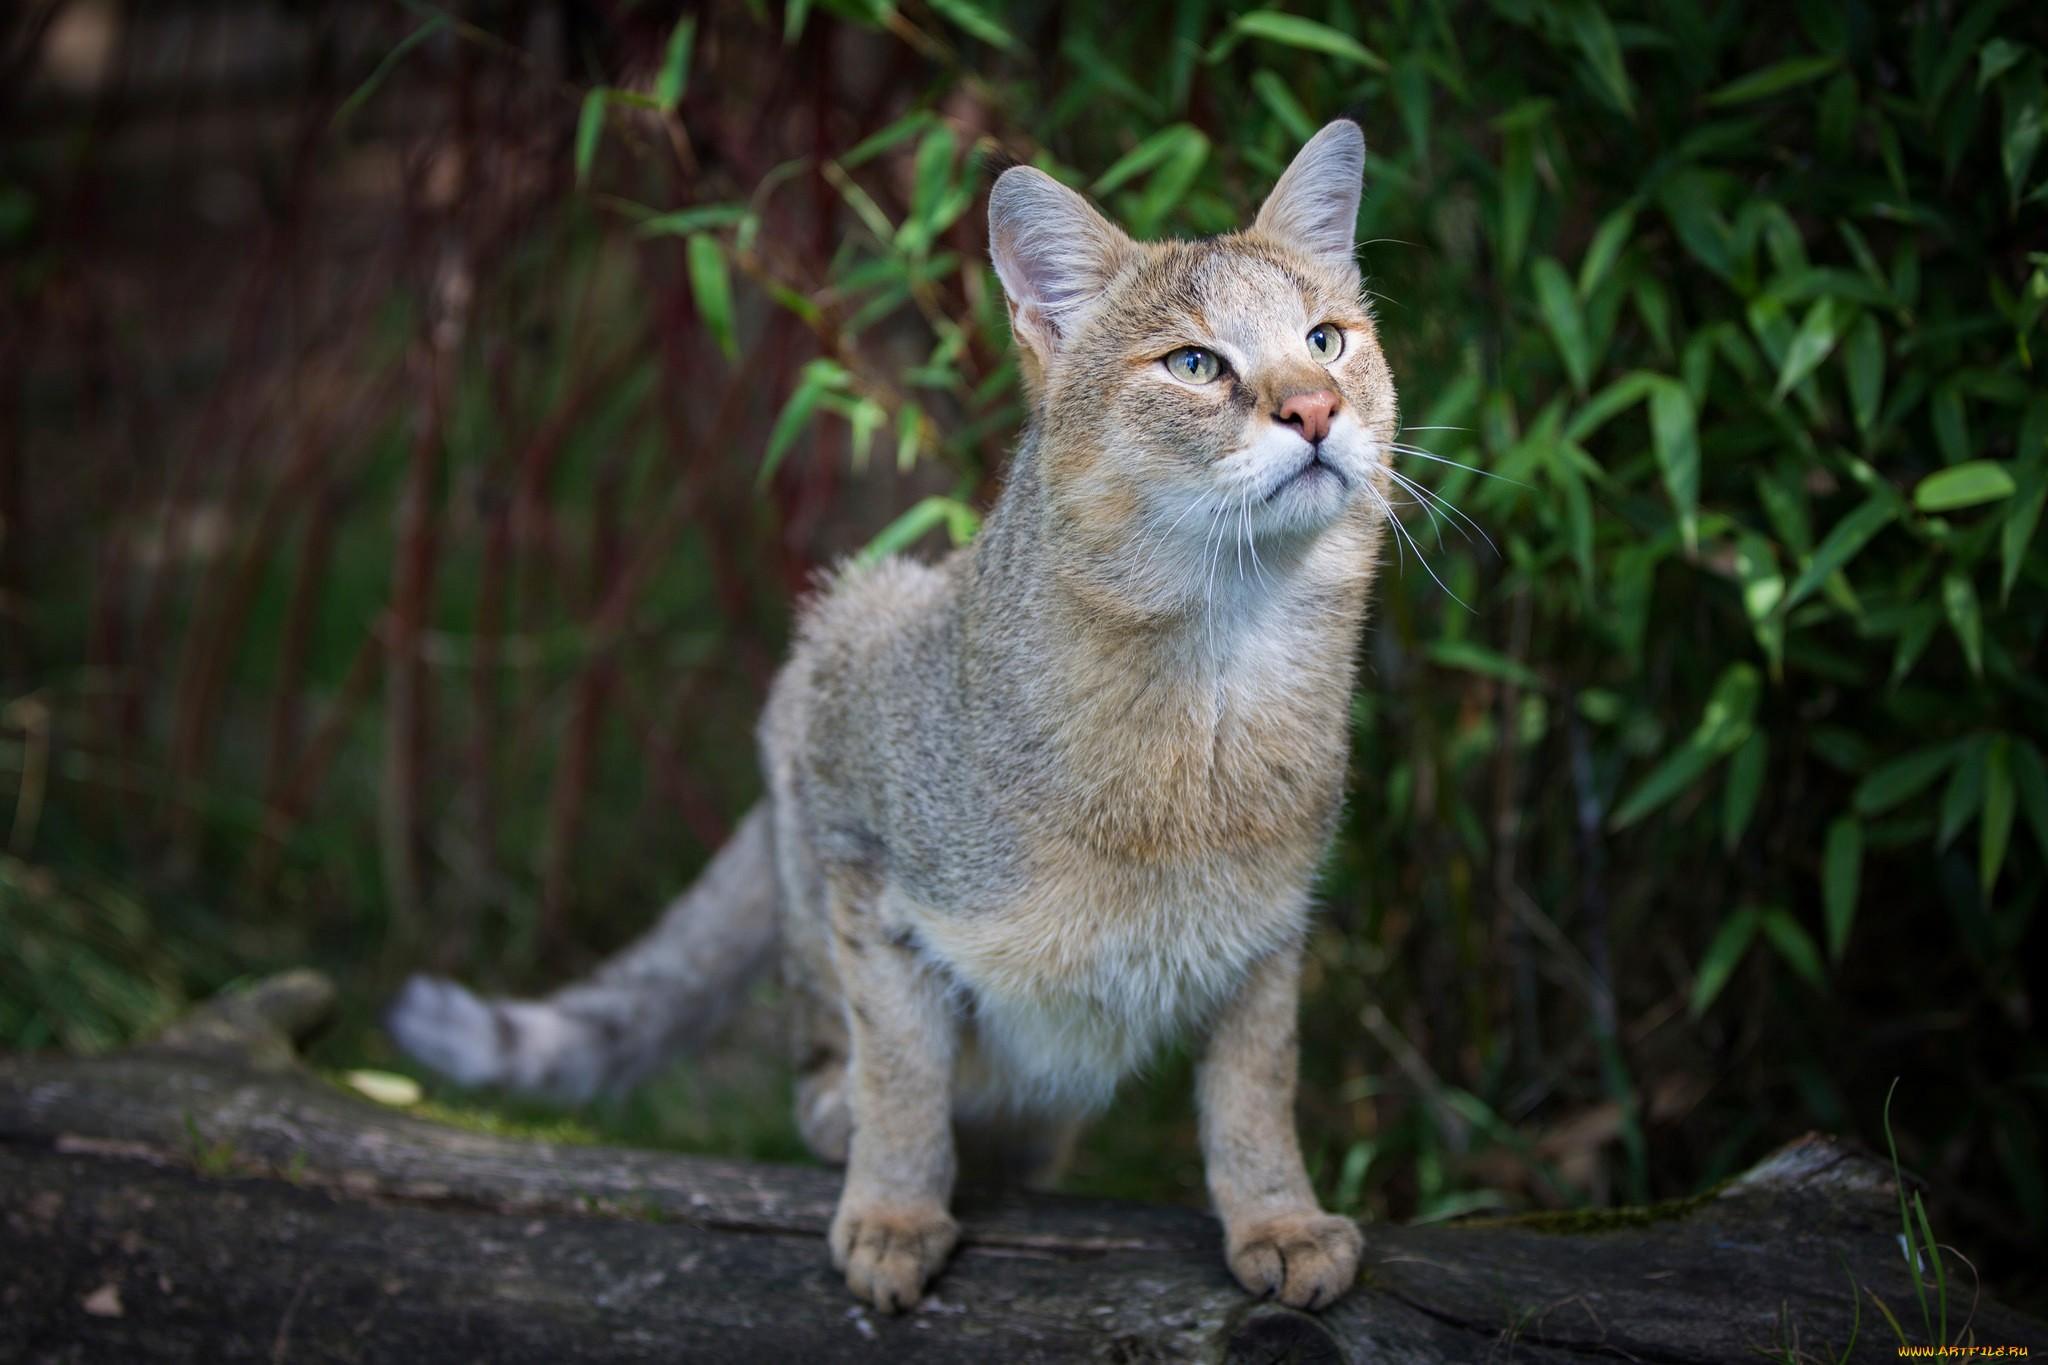 Камышовая кошка (чаузи)